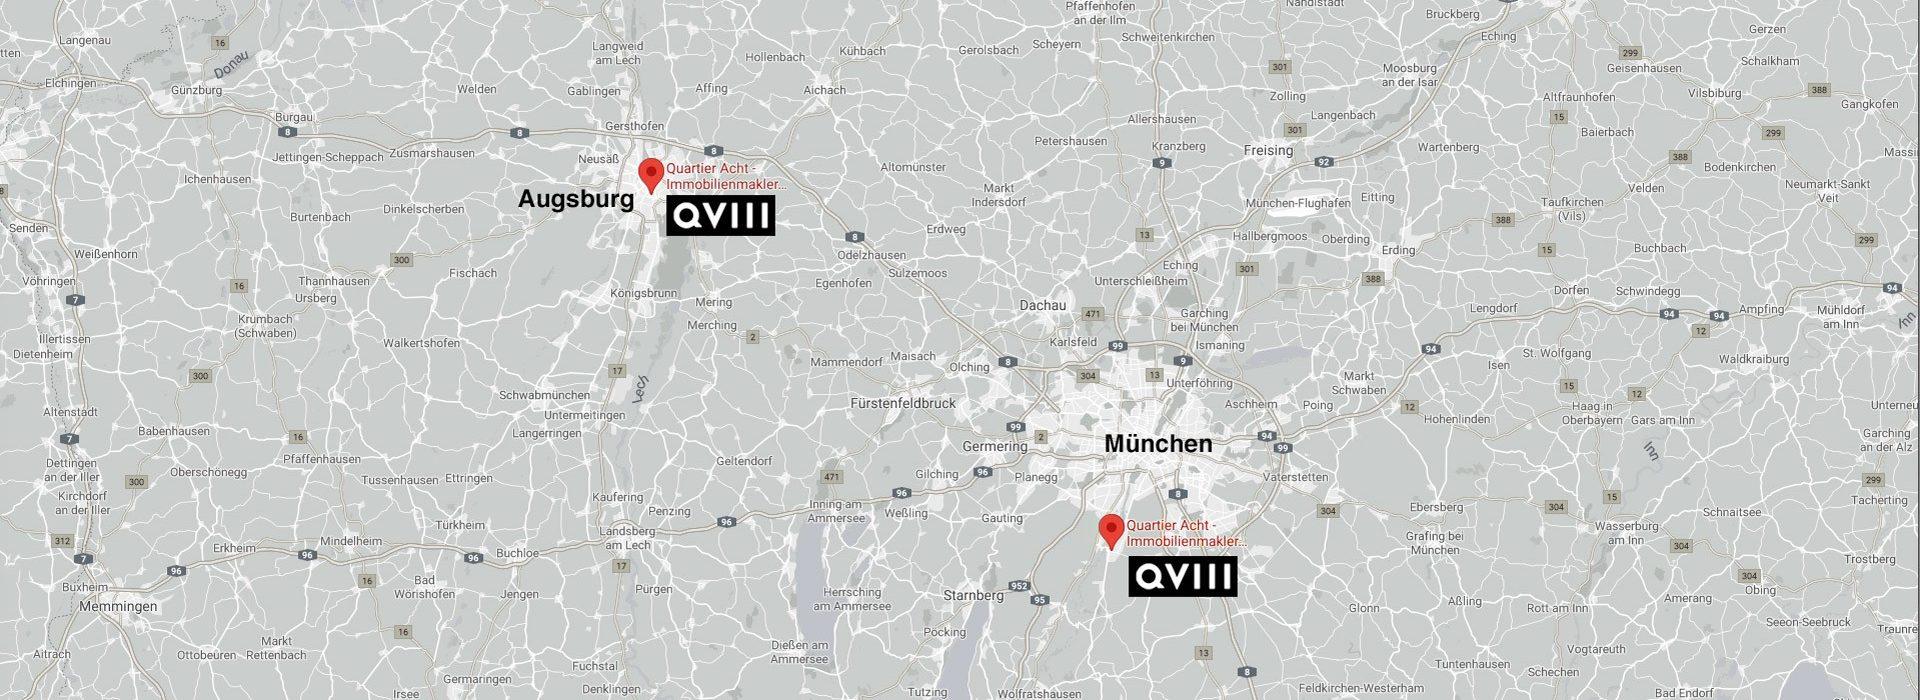 Quartier 8 Map